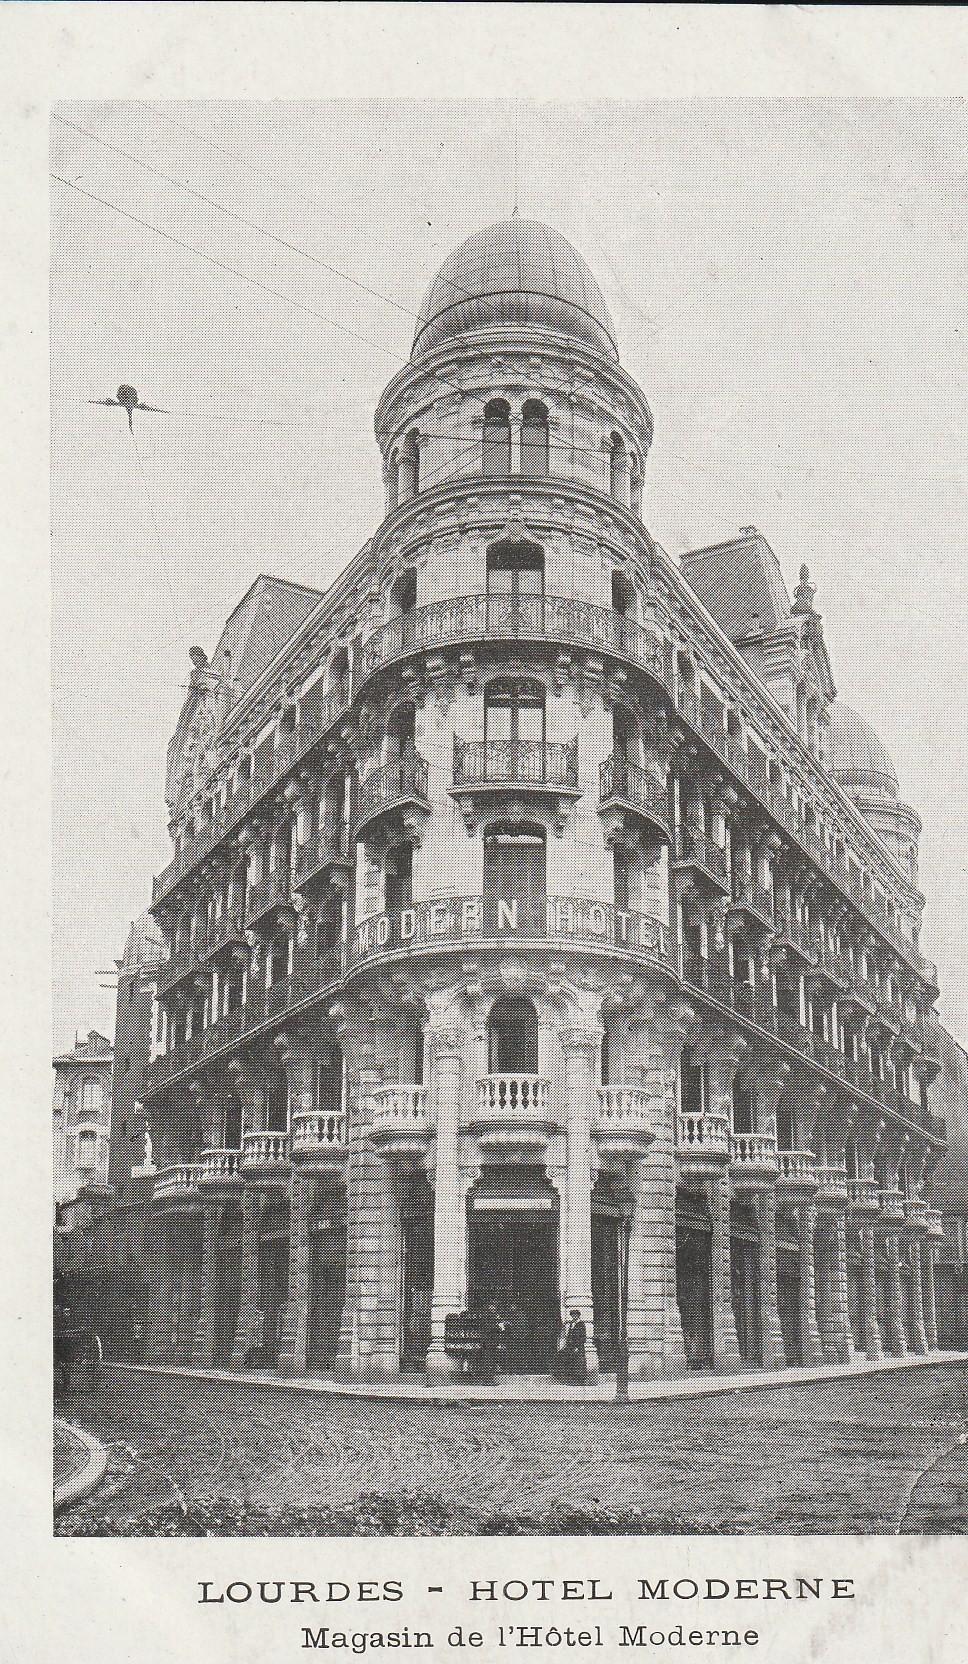 65 LOURDES. Magasin de l'Hôtel Moderne